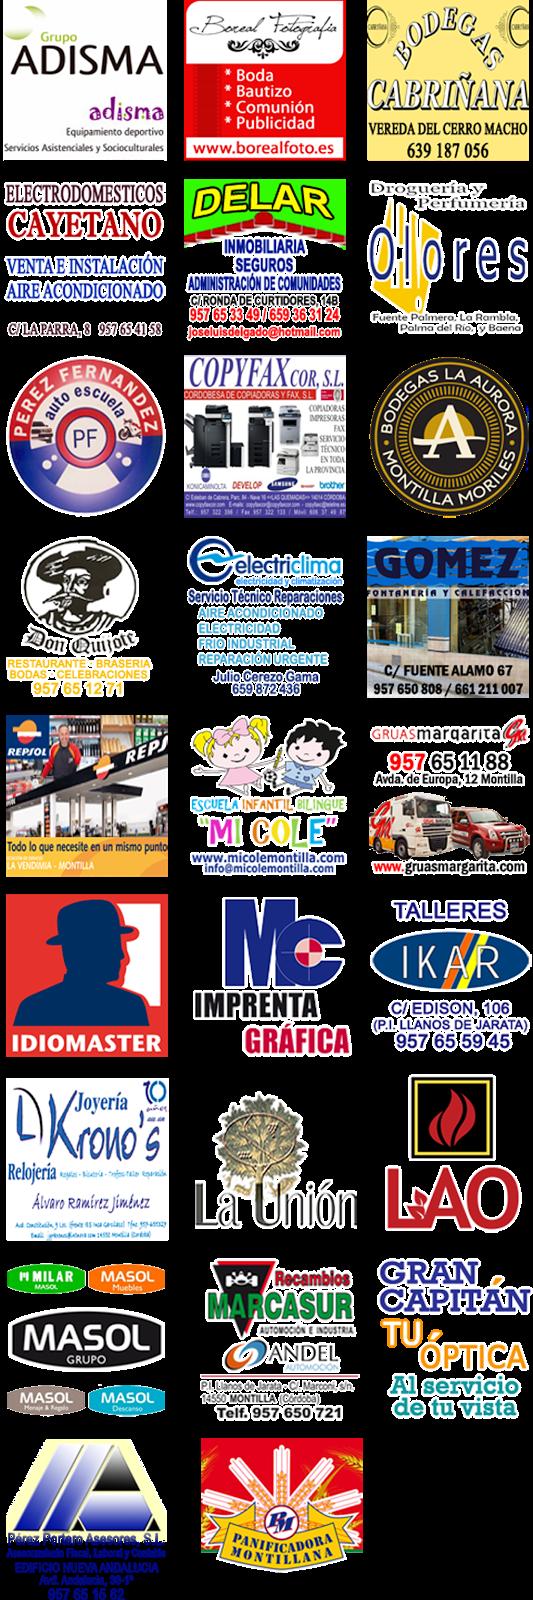 Cb montilla empresas colaboradoras - Empresas colaboradoras ...